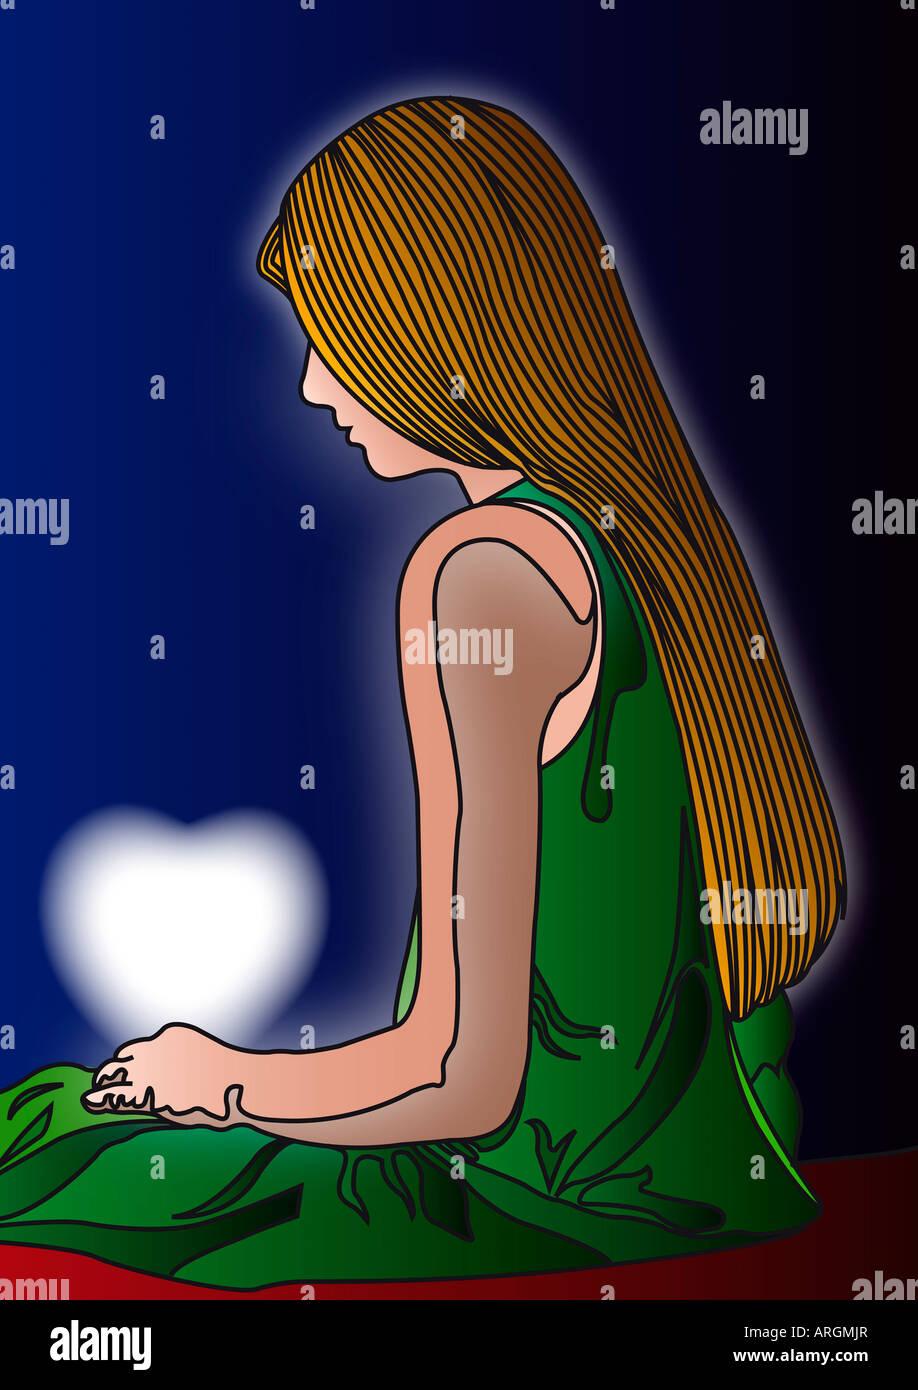 Abbildung des Mädchens mit glühenden Herzen Stockfoto